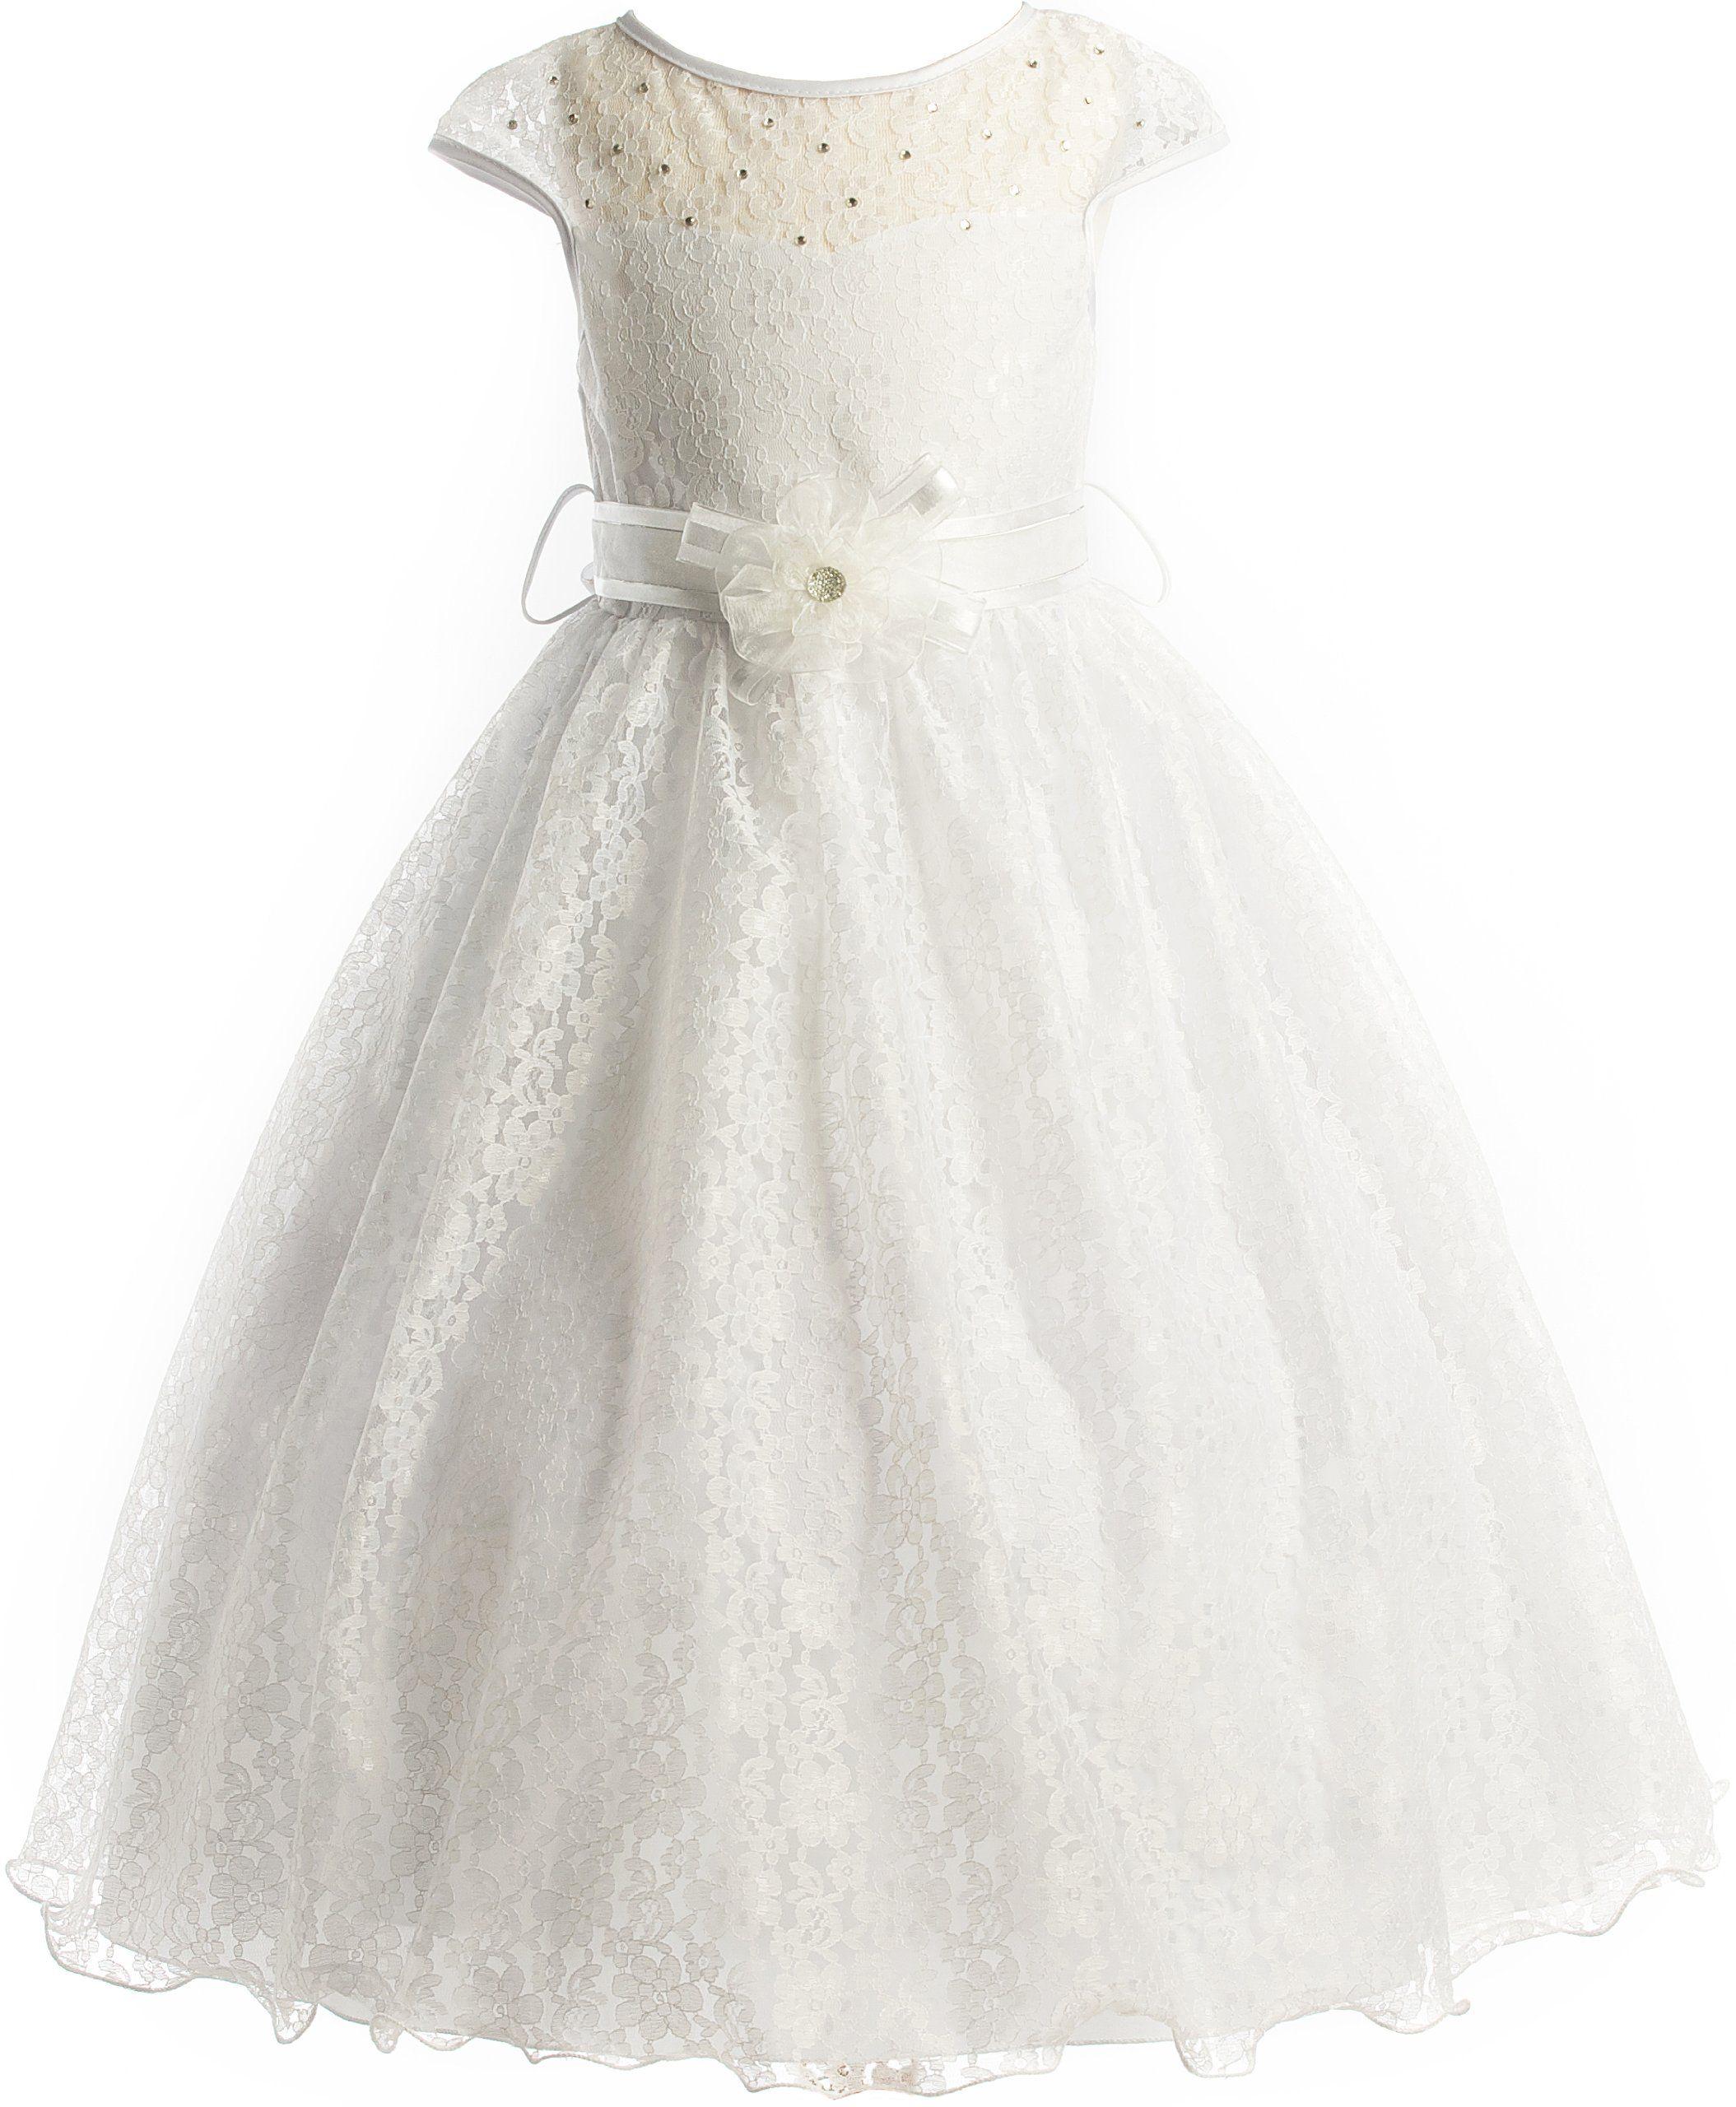 Lace peekaboo bodice communion flower girl pageant long dress